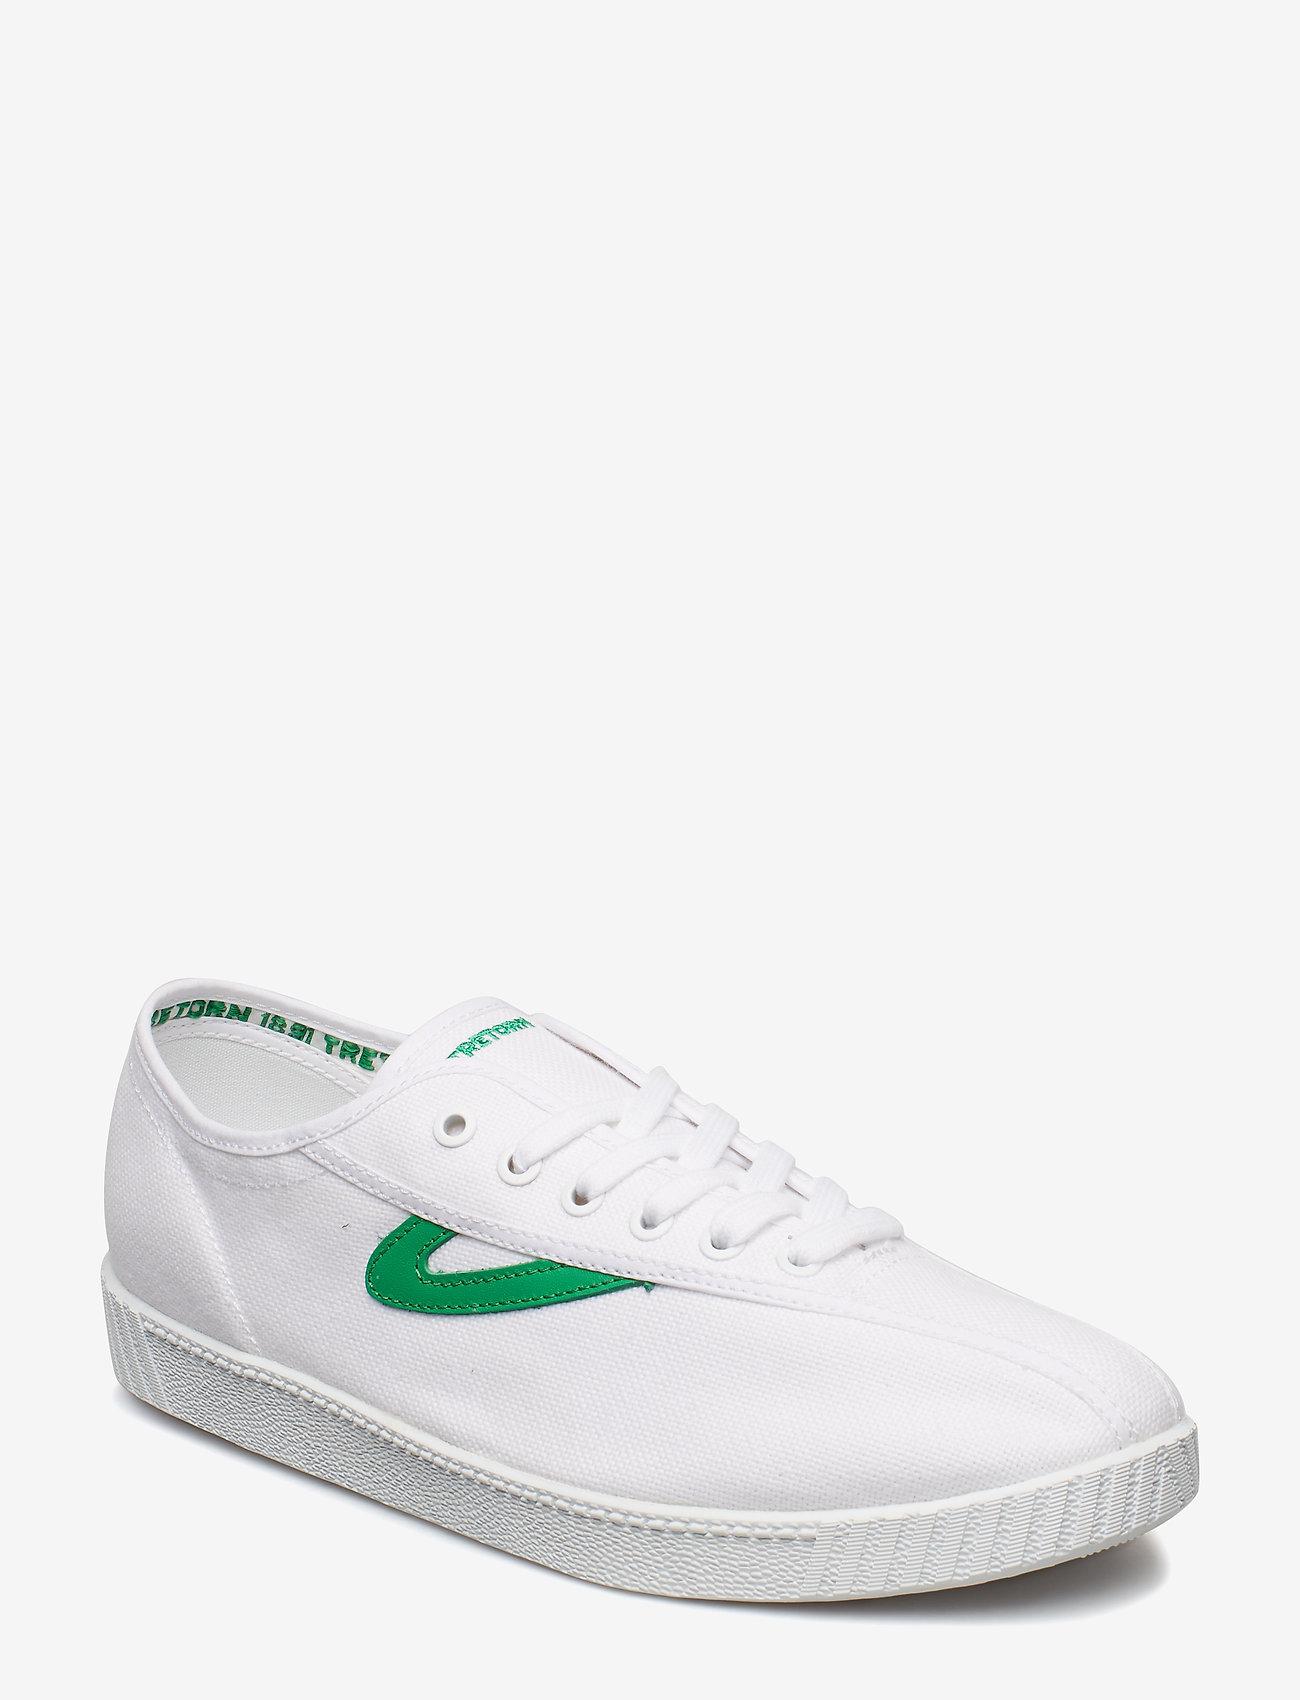 Tretorn - NYLITE - baskets basses - 029/white/green - 0